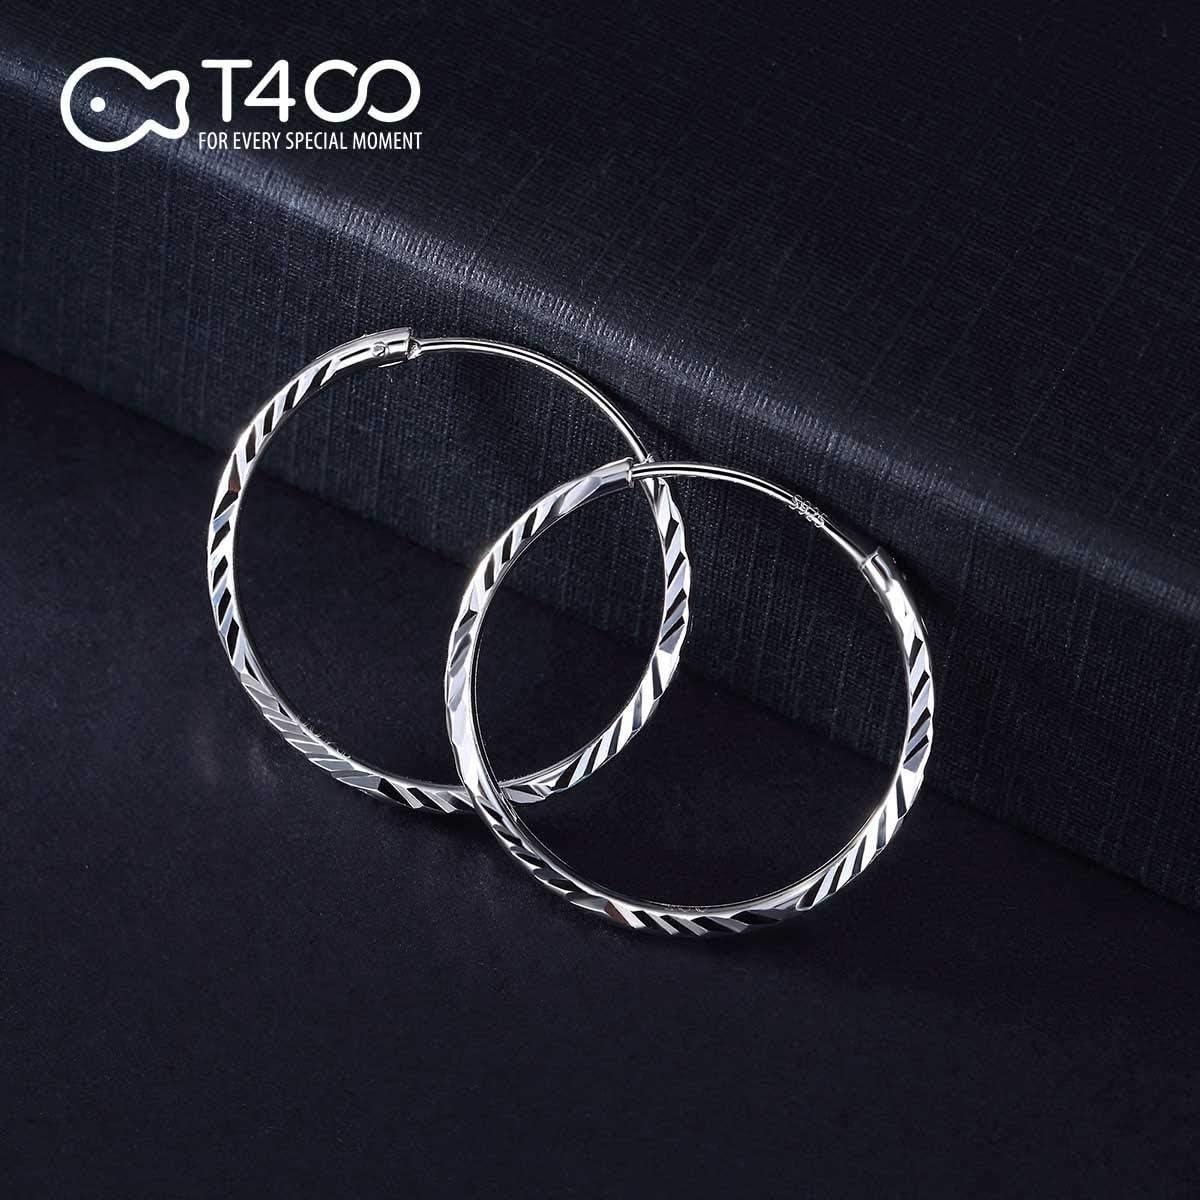 T400 Jewelers Boucles doreilles Cr/éoles en Argent Sterling 925 Bijoux pour Femmes Grand Cerceau Cadeaux pour Femmes Filles diam/ètre 25-65mm